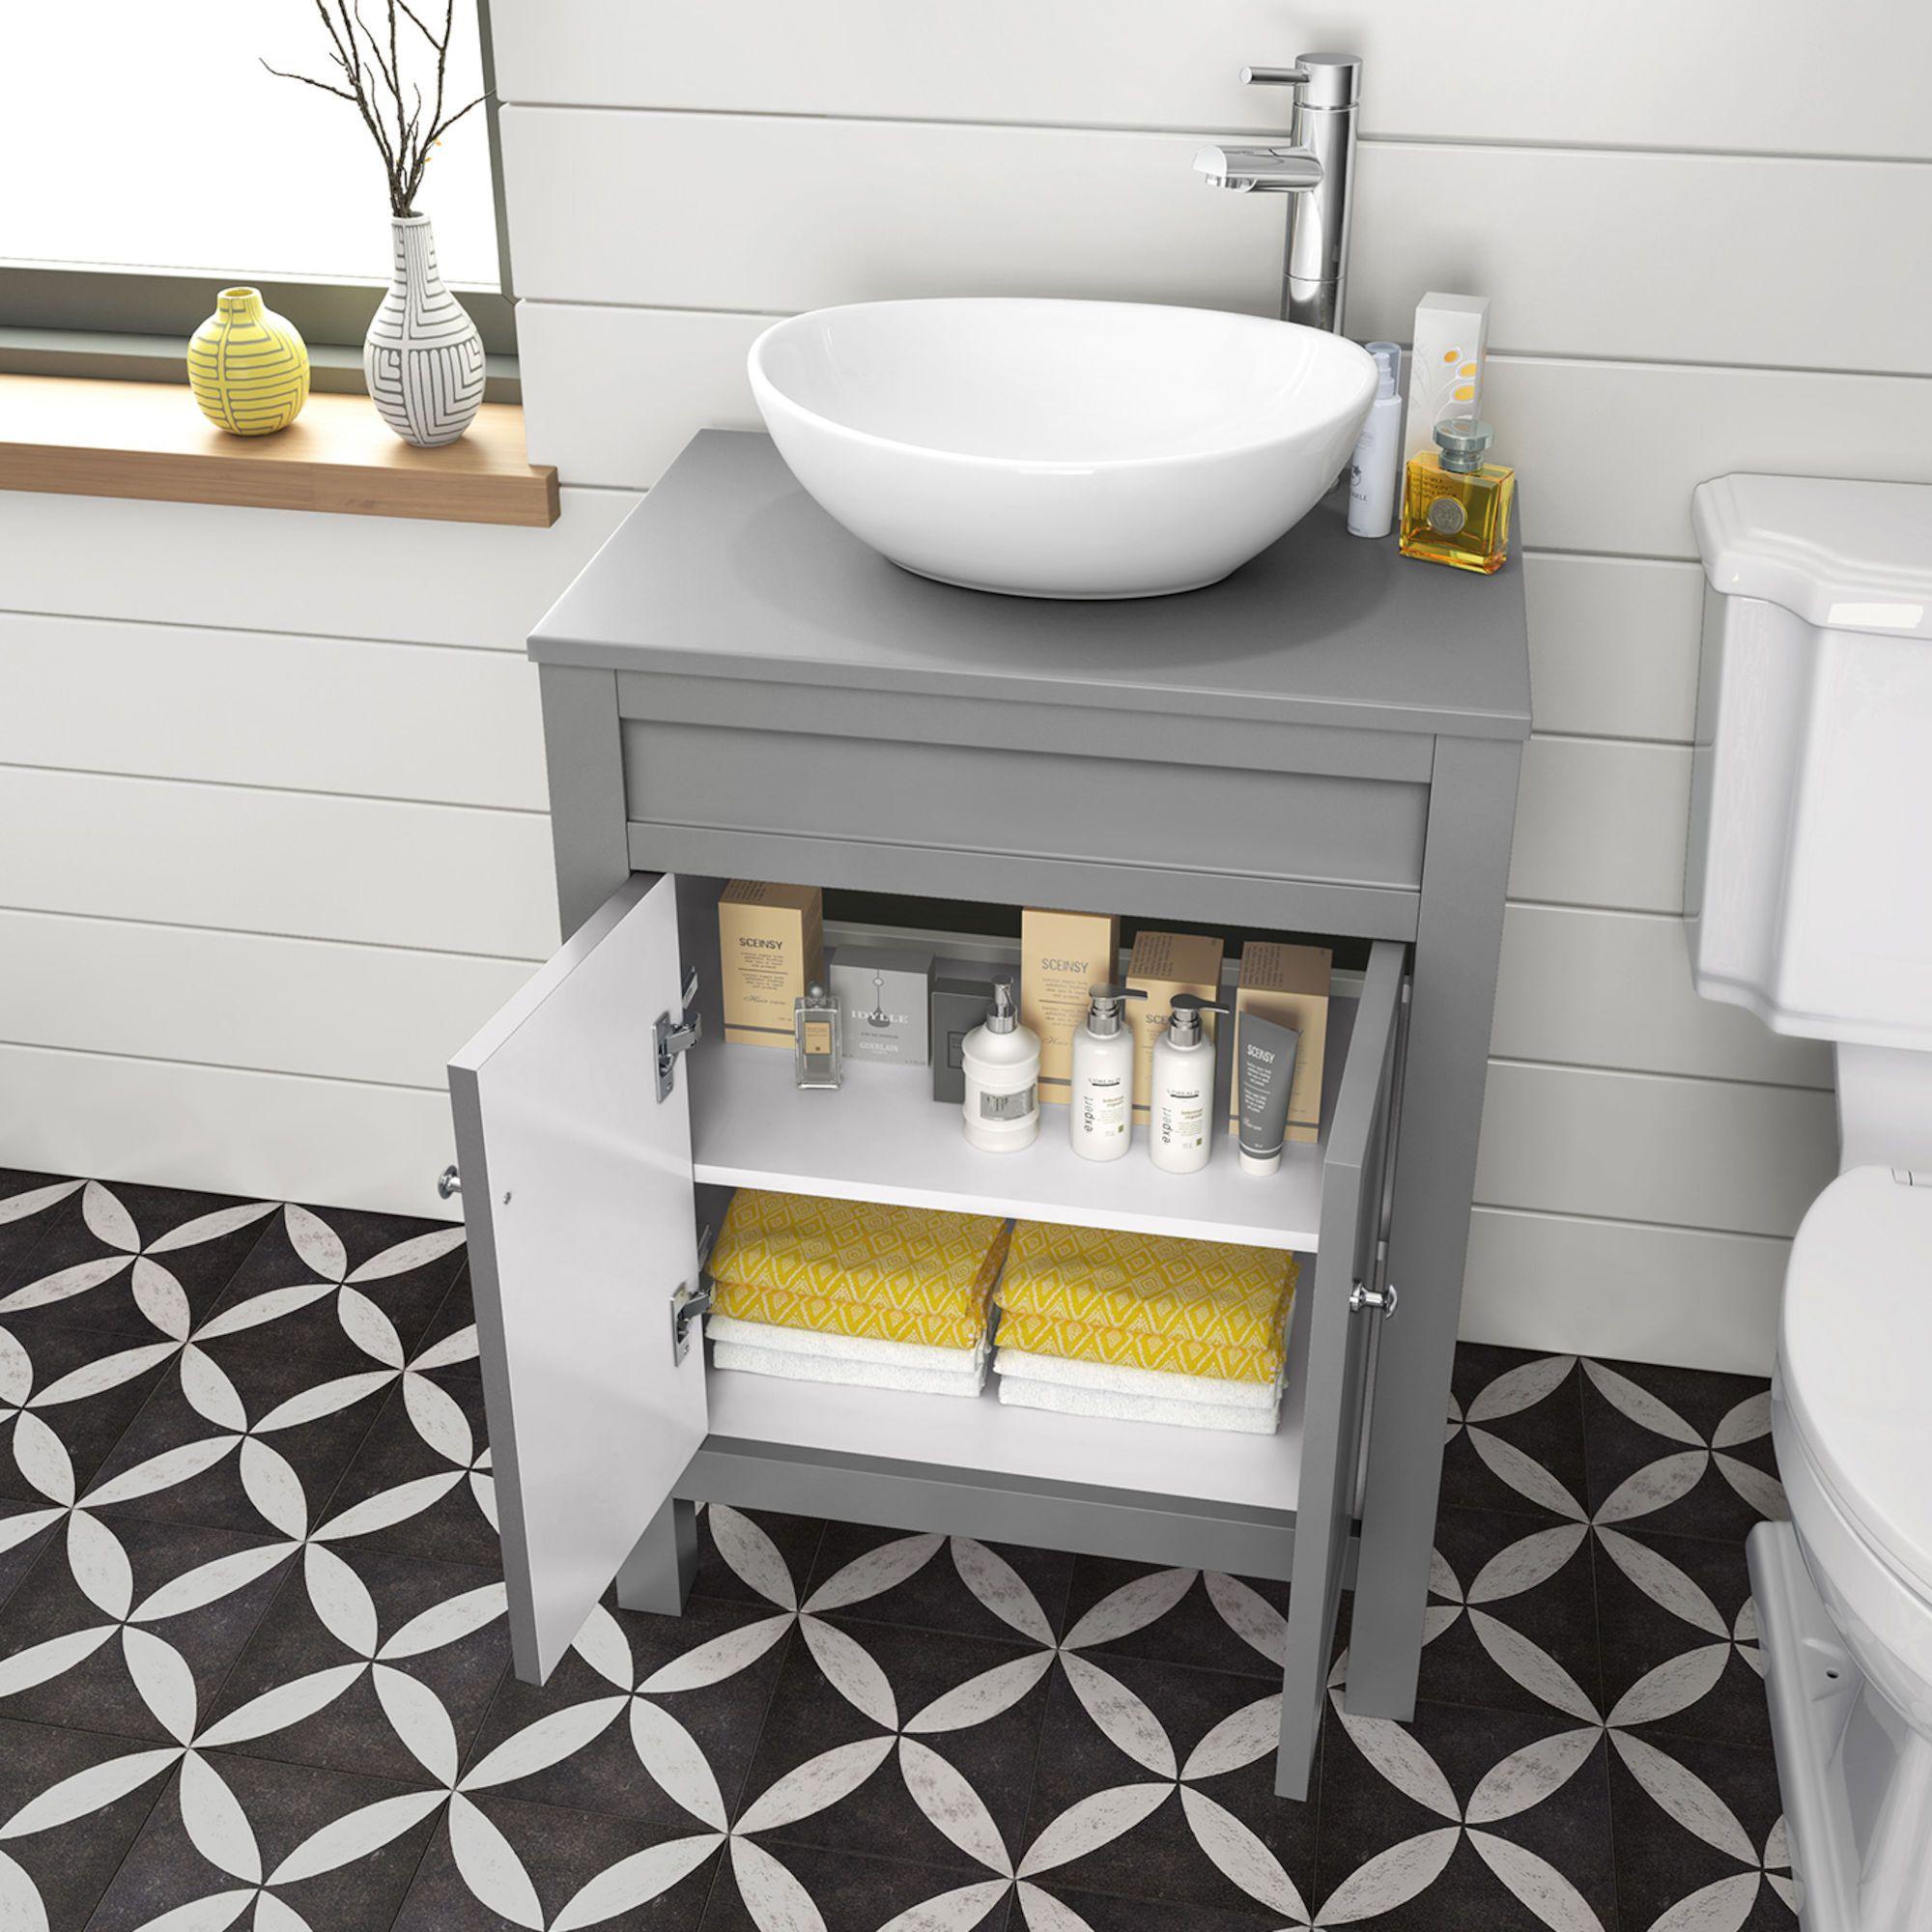 600mm Melbourne Grey Countertop Unit Camila Basin Floor Standing Grey Countertops Countertop Basin Bathroom Countertop Basin